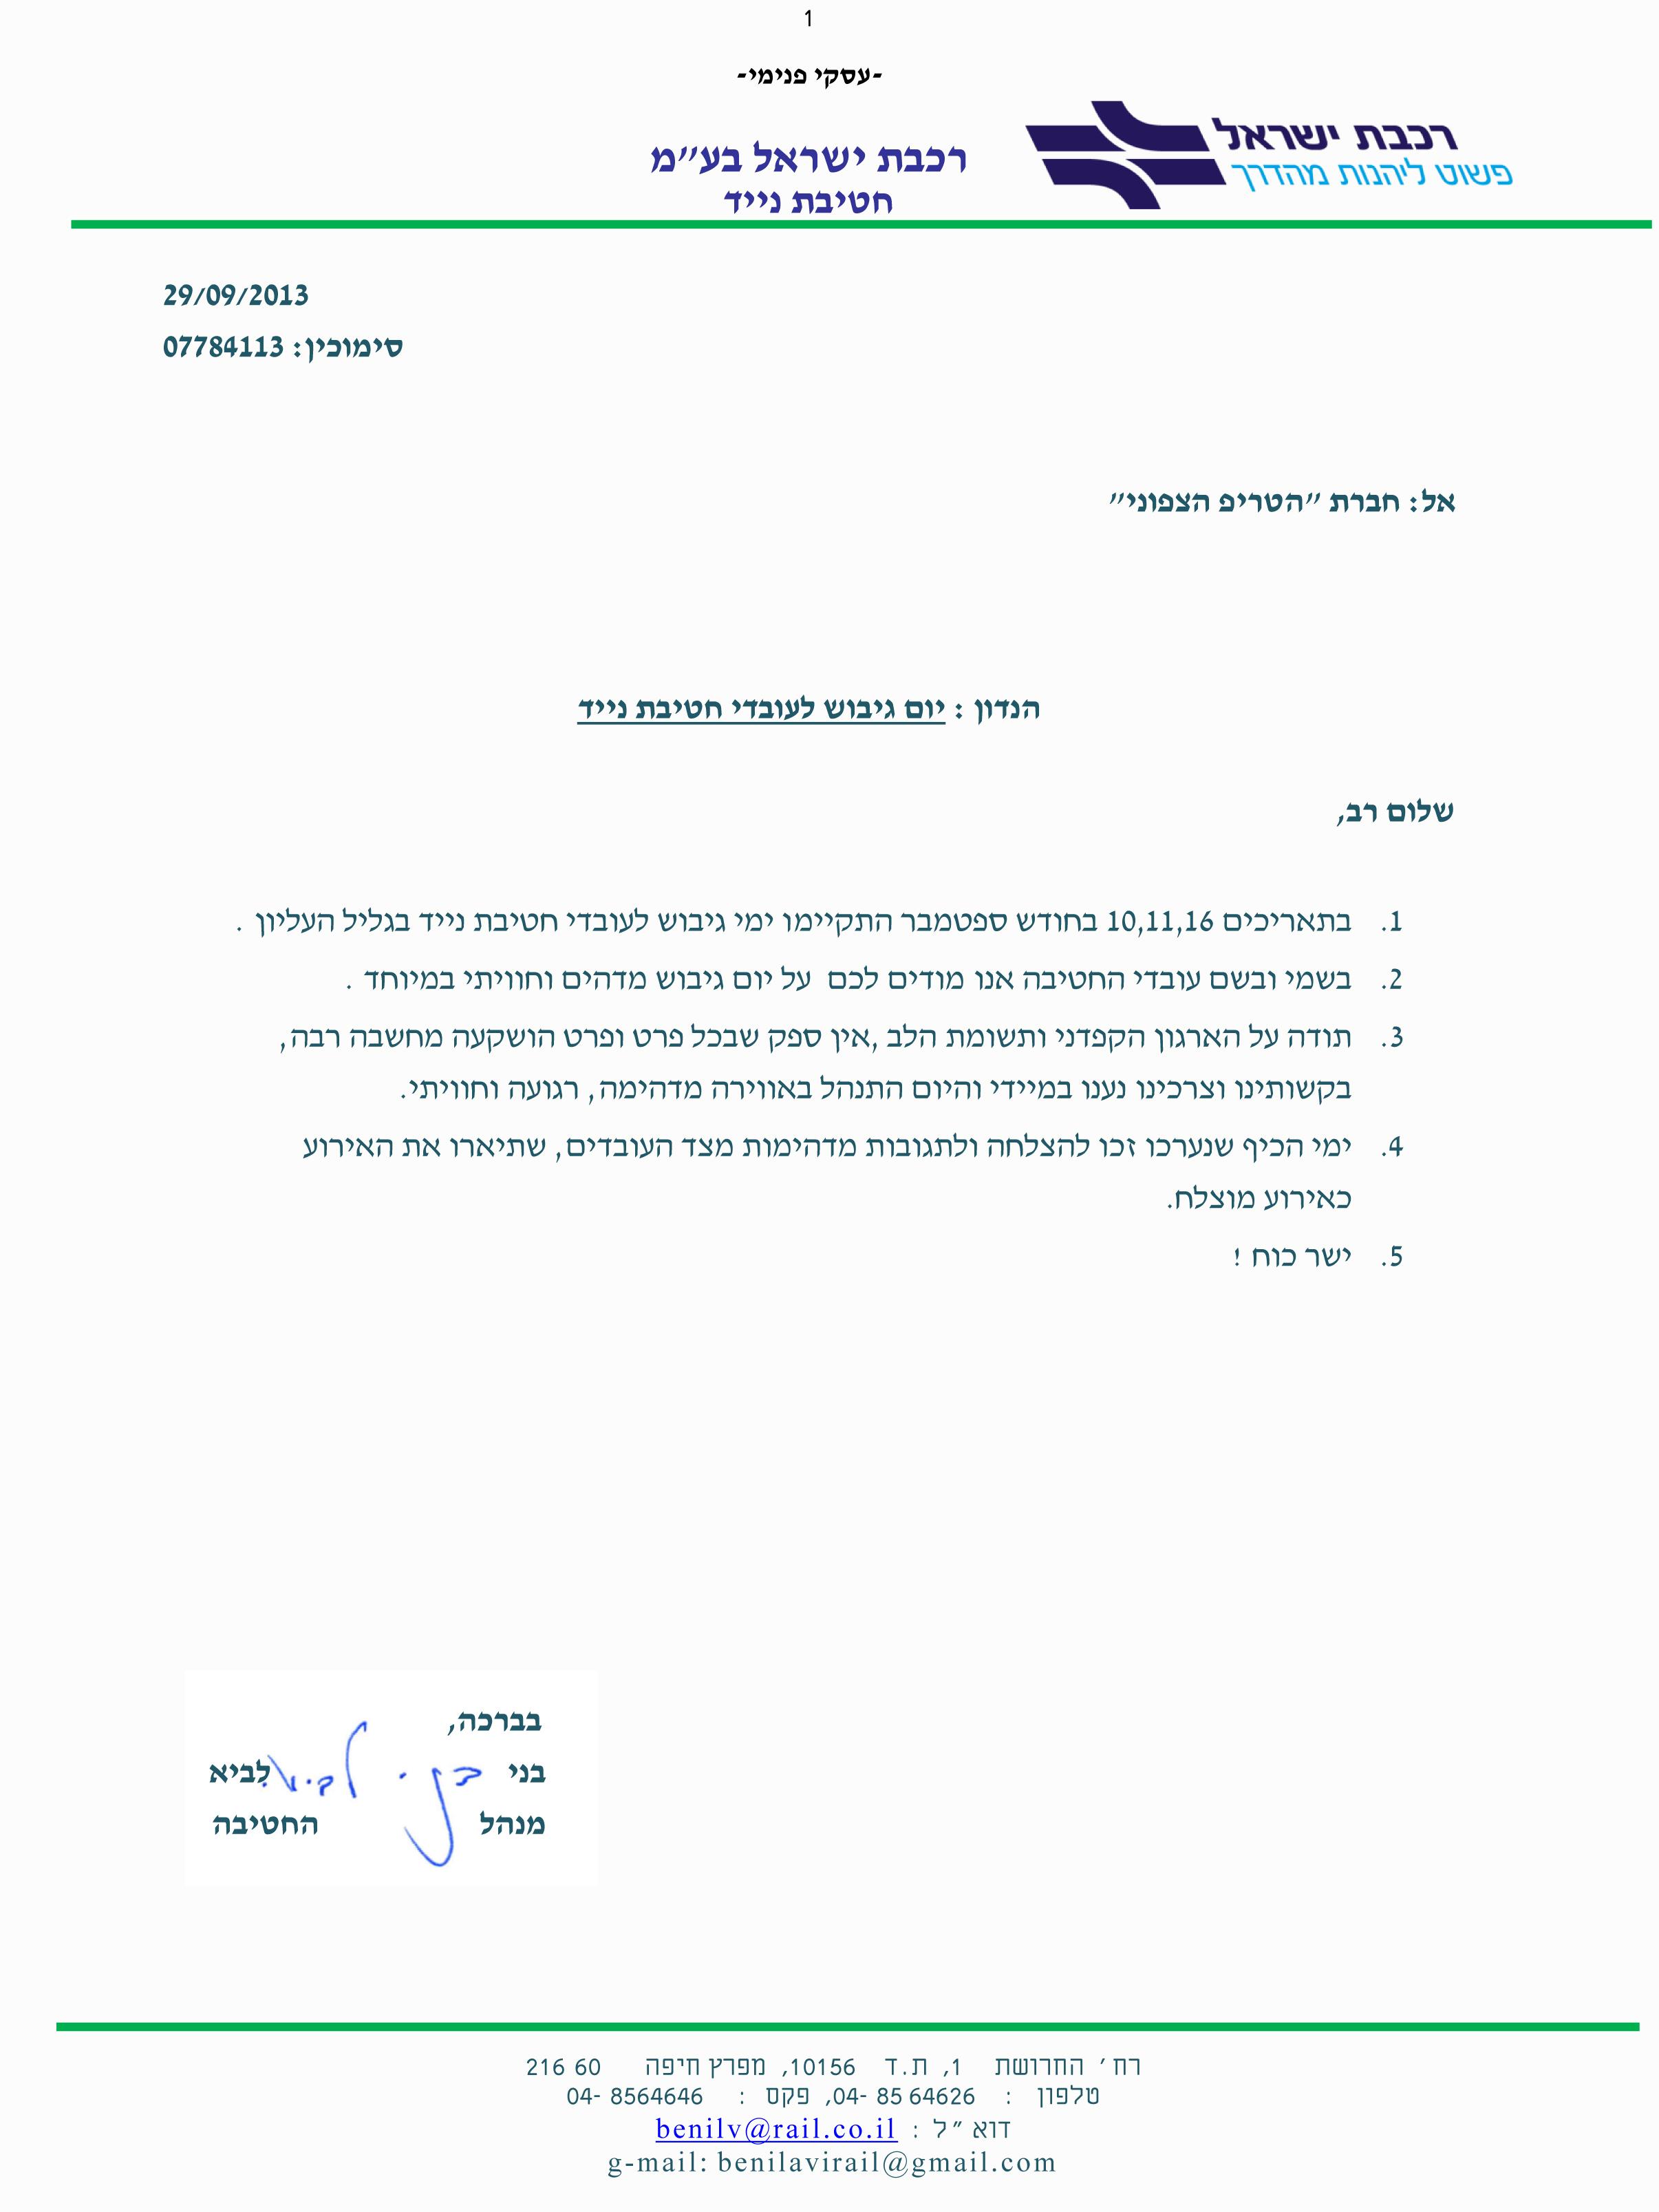 מכתב הערכה - רכבת ישראל